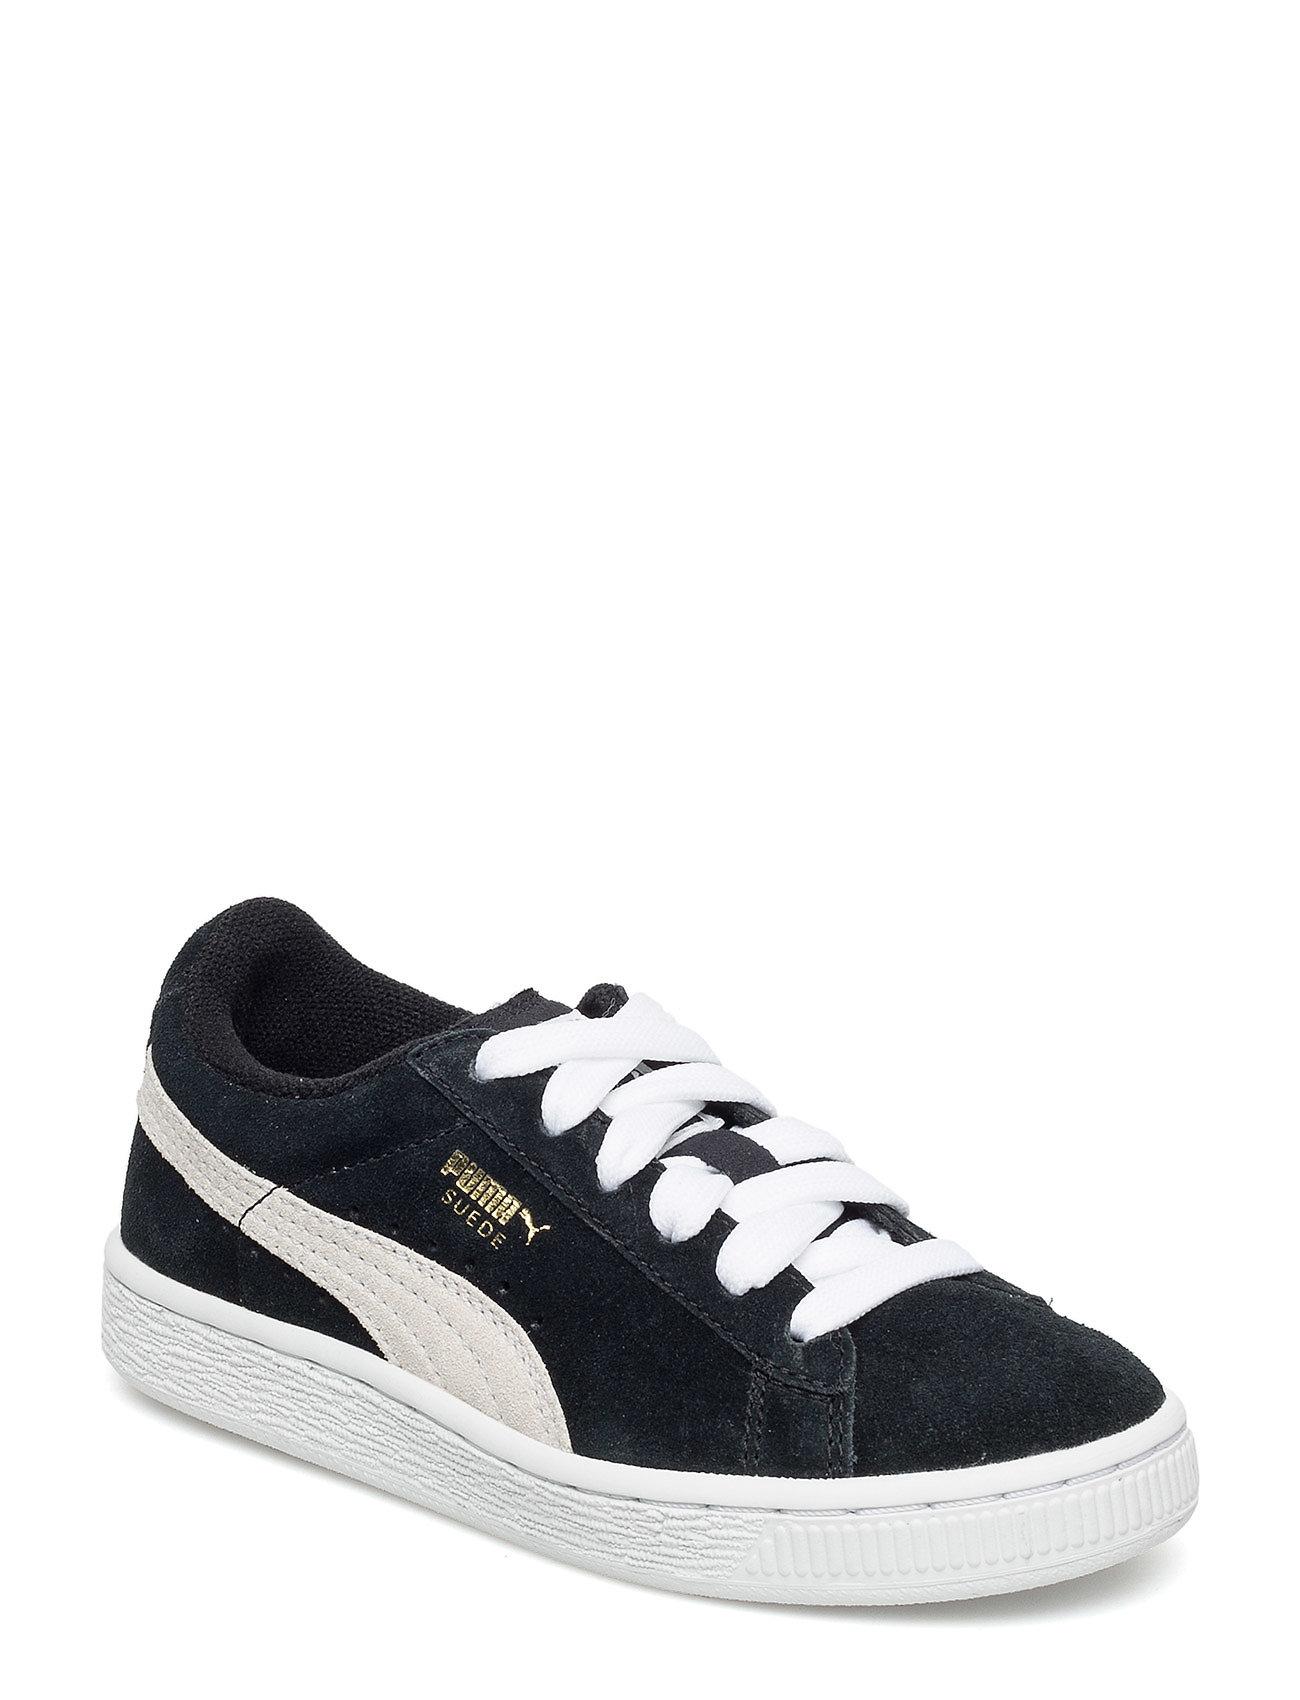 Puma Sneakers Drenge Udsalg Danmark Online